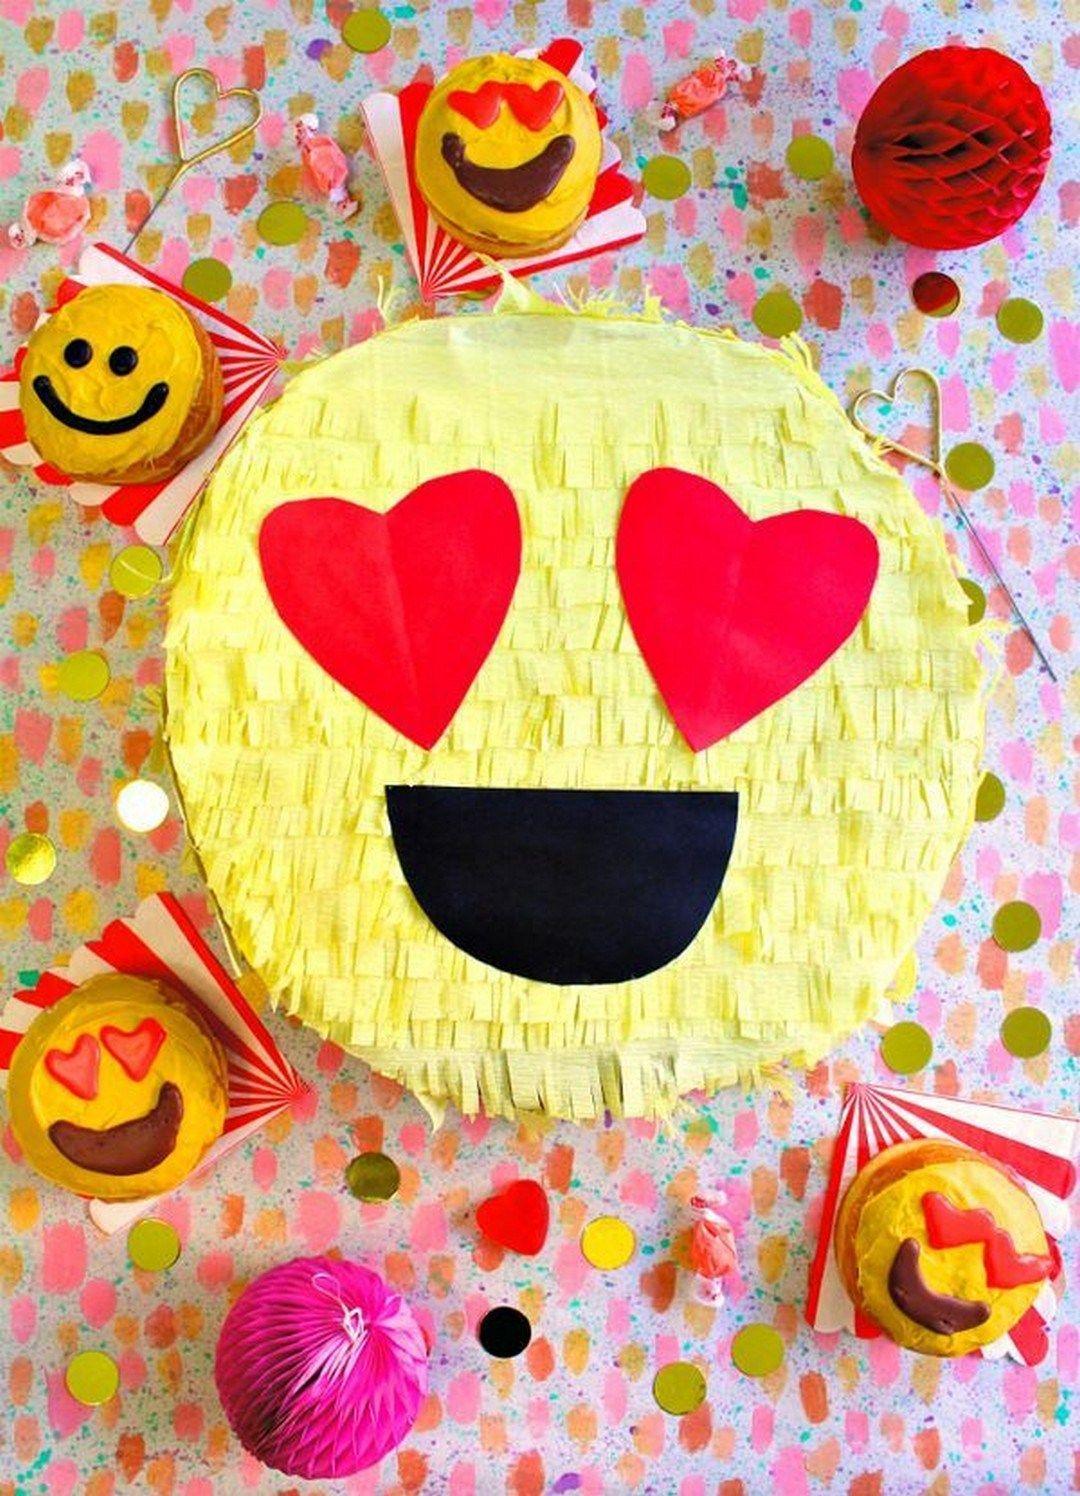 Emoji pinata gift box DIY Pinatas For Every Kind Of Party You Can Make At Home